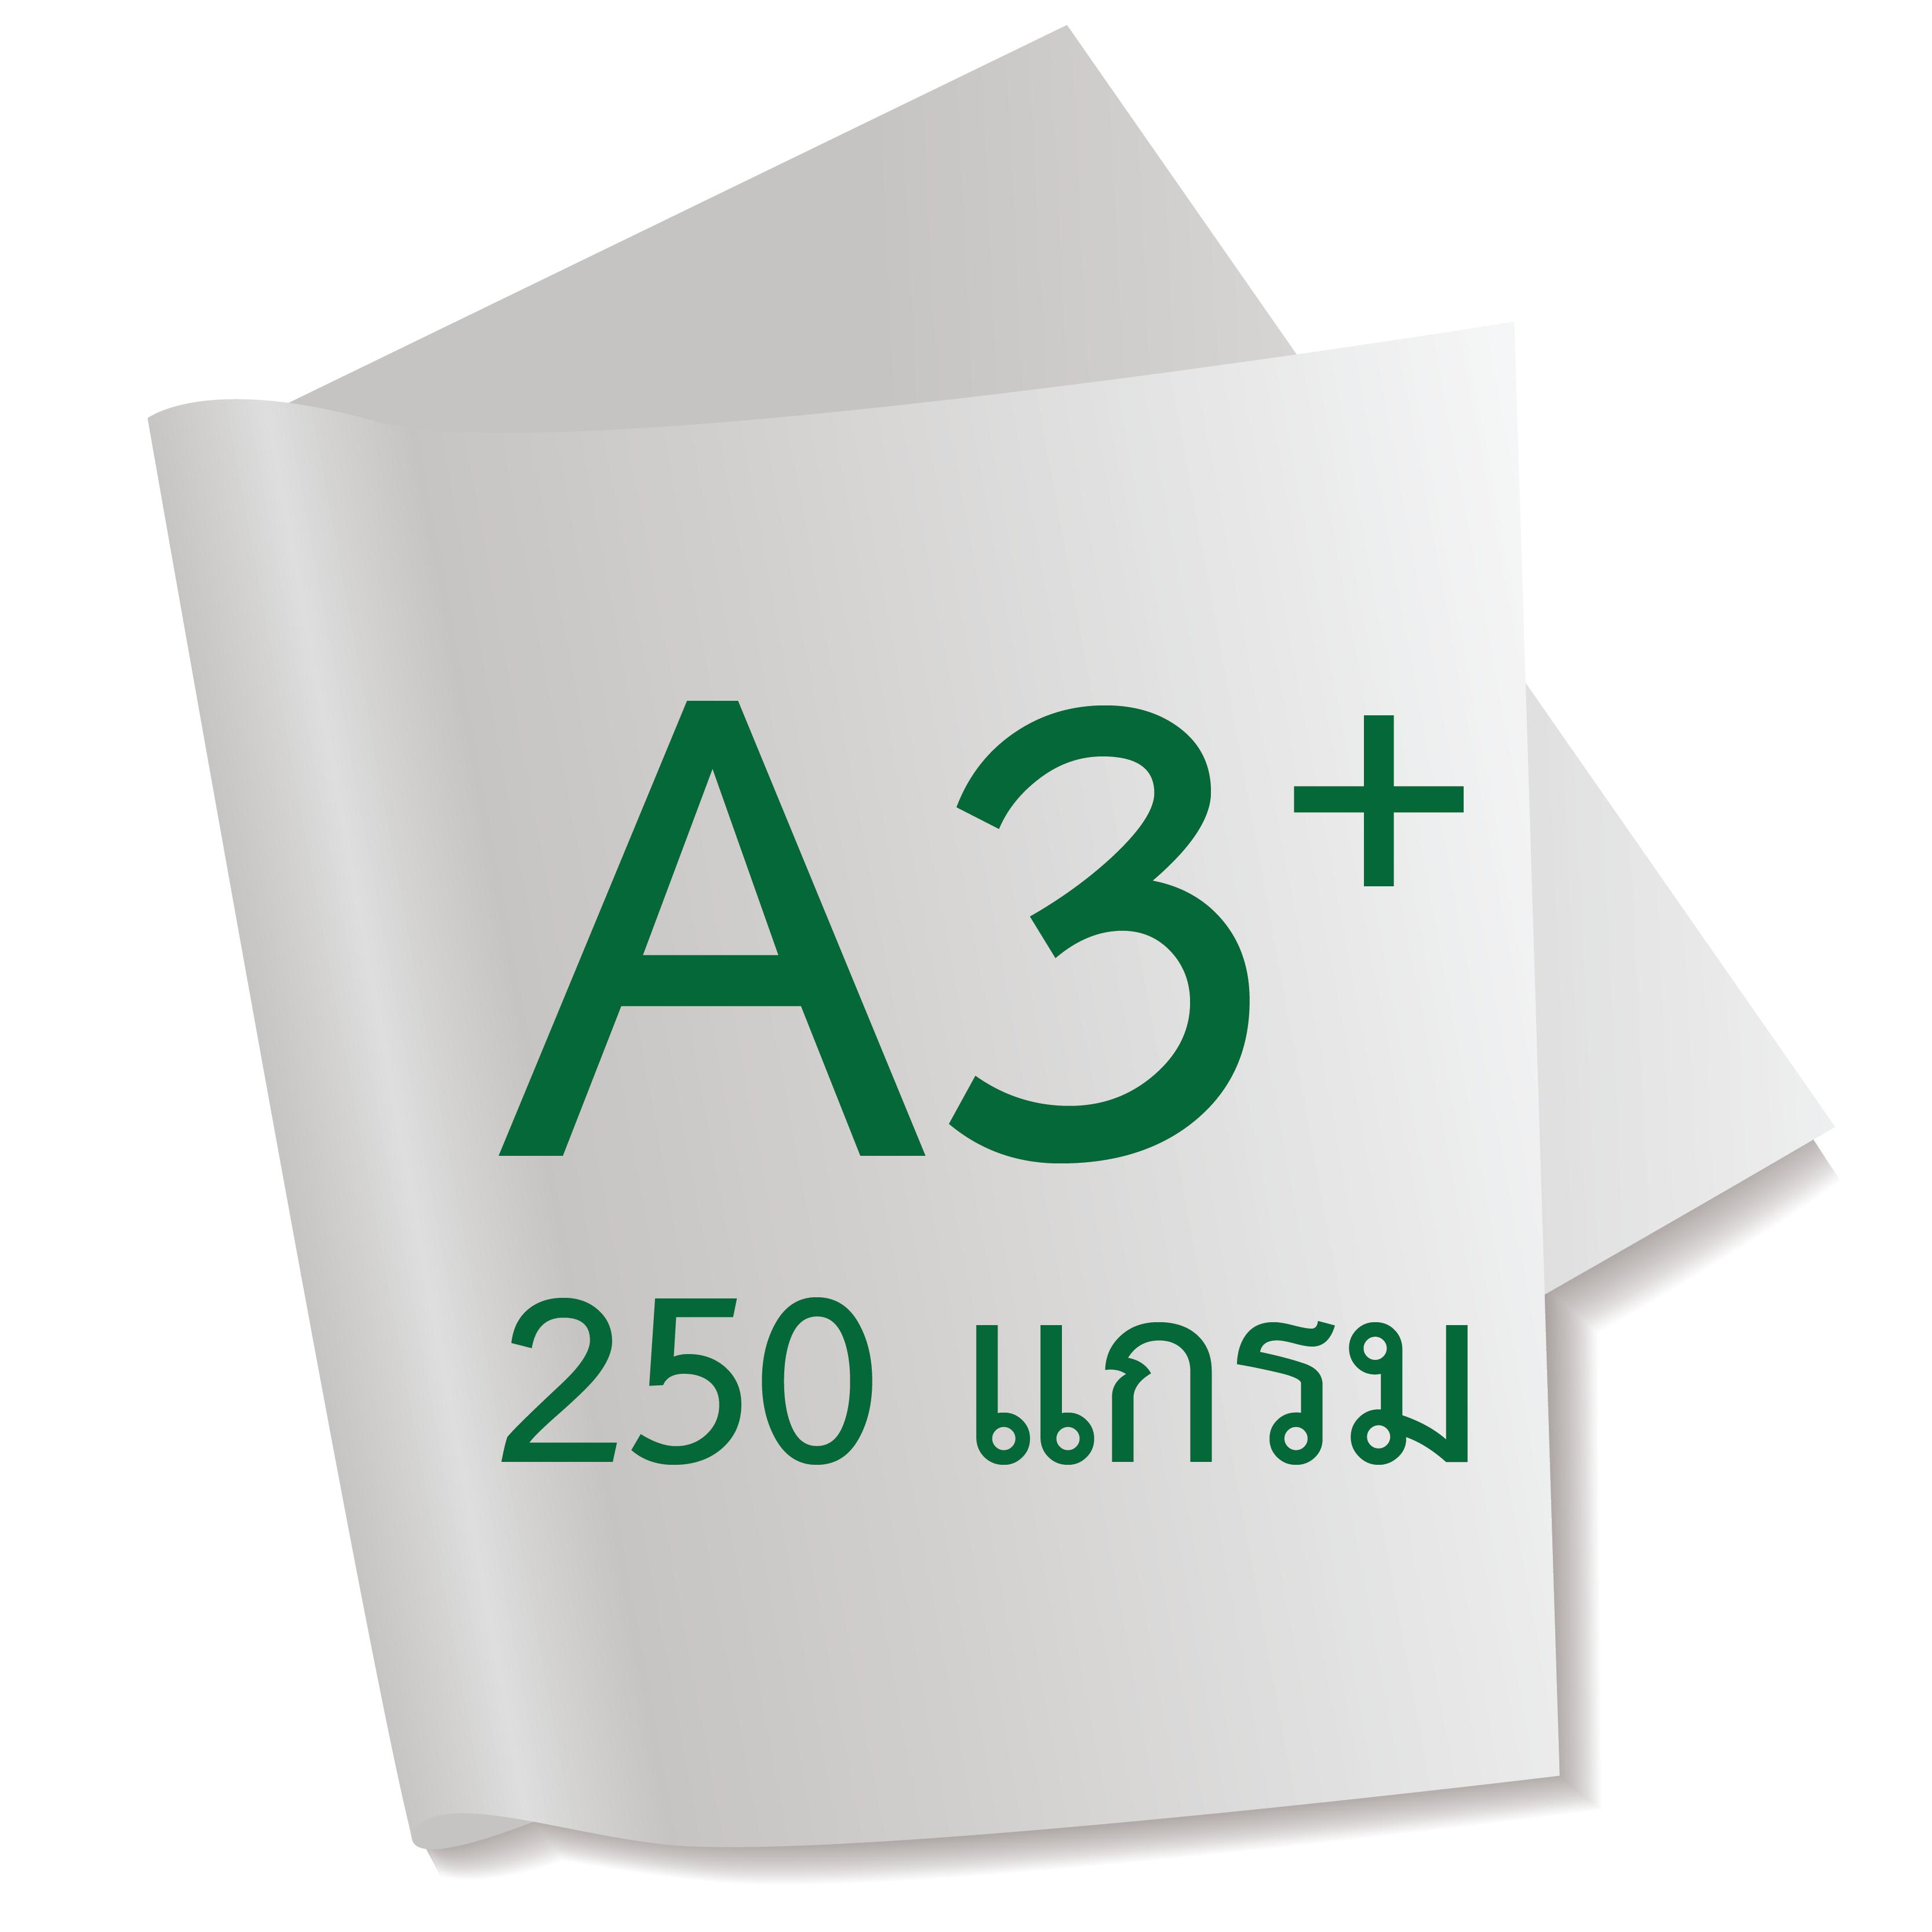 กระดาษอาร์ตการ์ดมัน 1 หน้า 250 แกรม/A3+ (500 แผ่น)